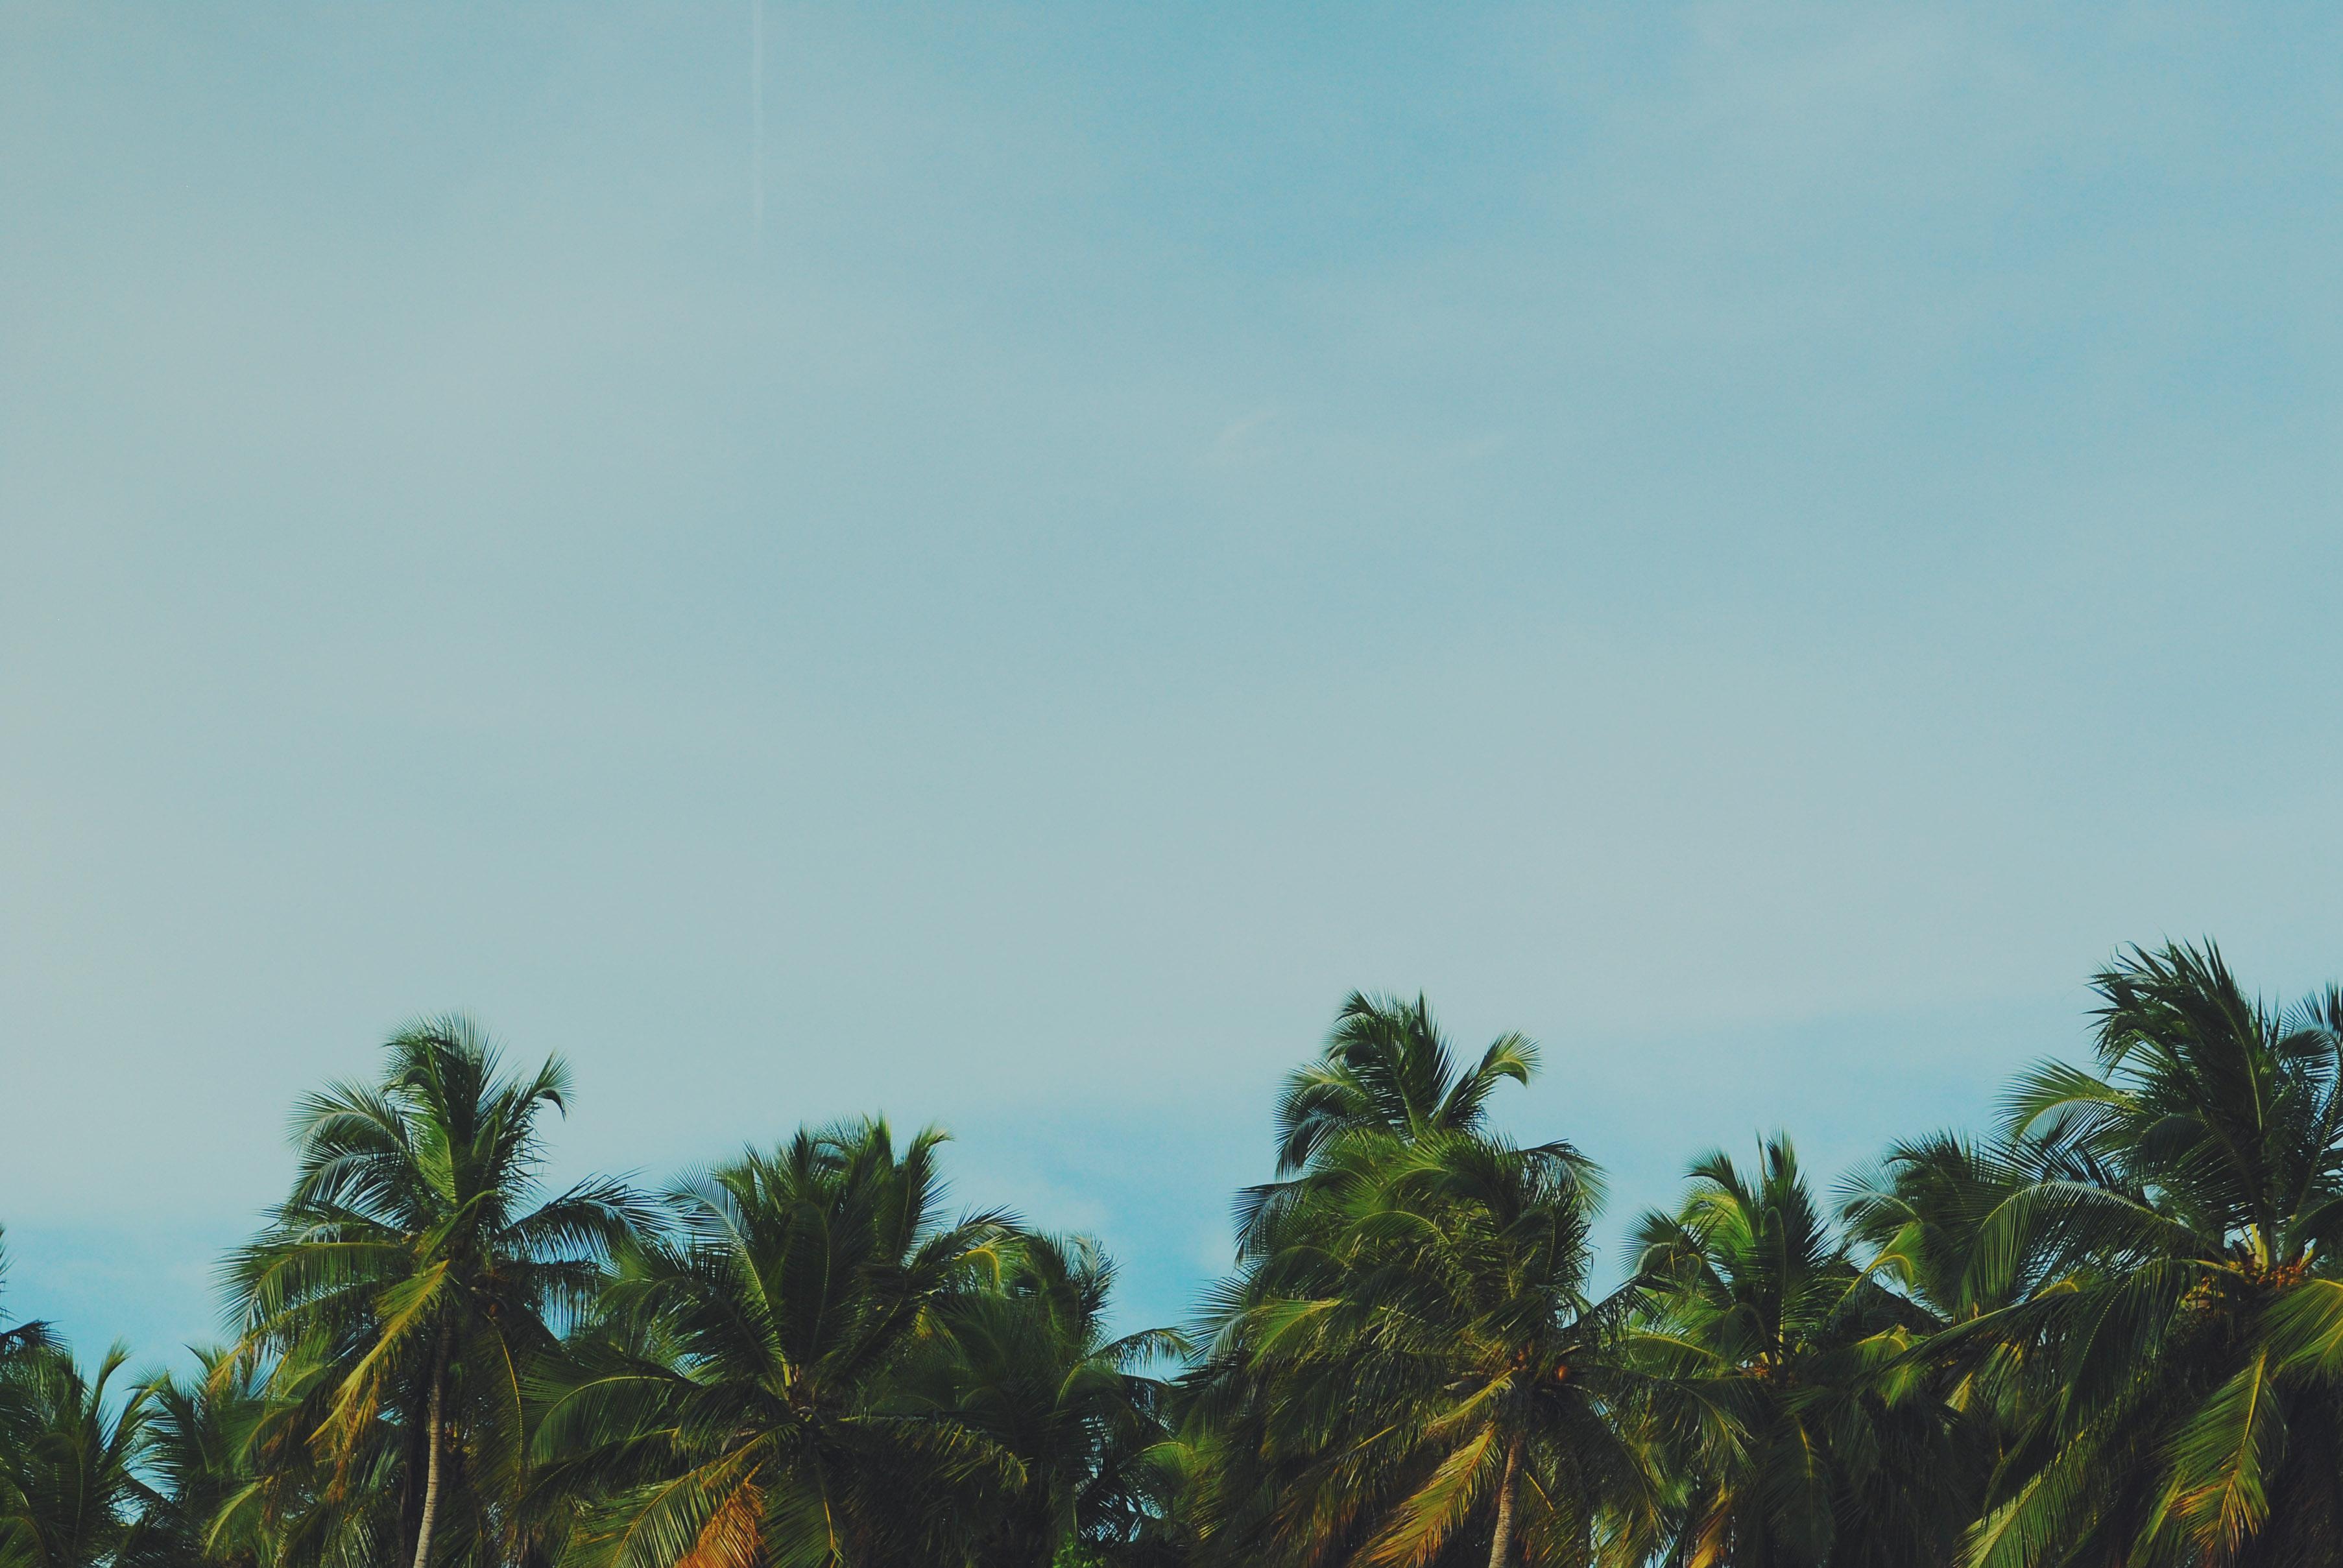 Japaratinga, Alagoas